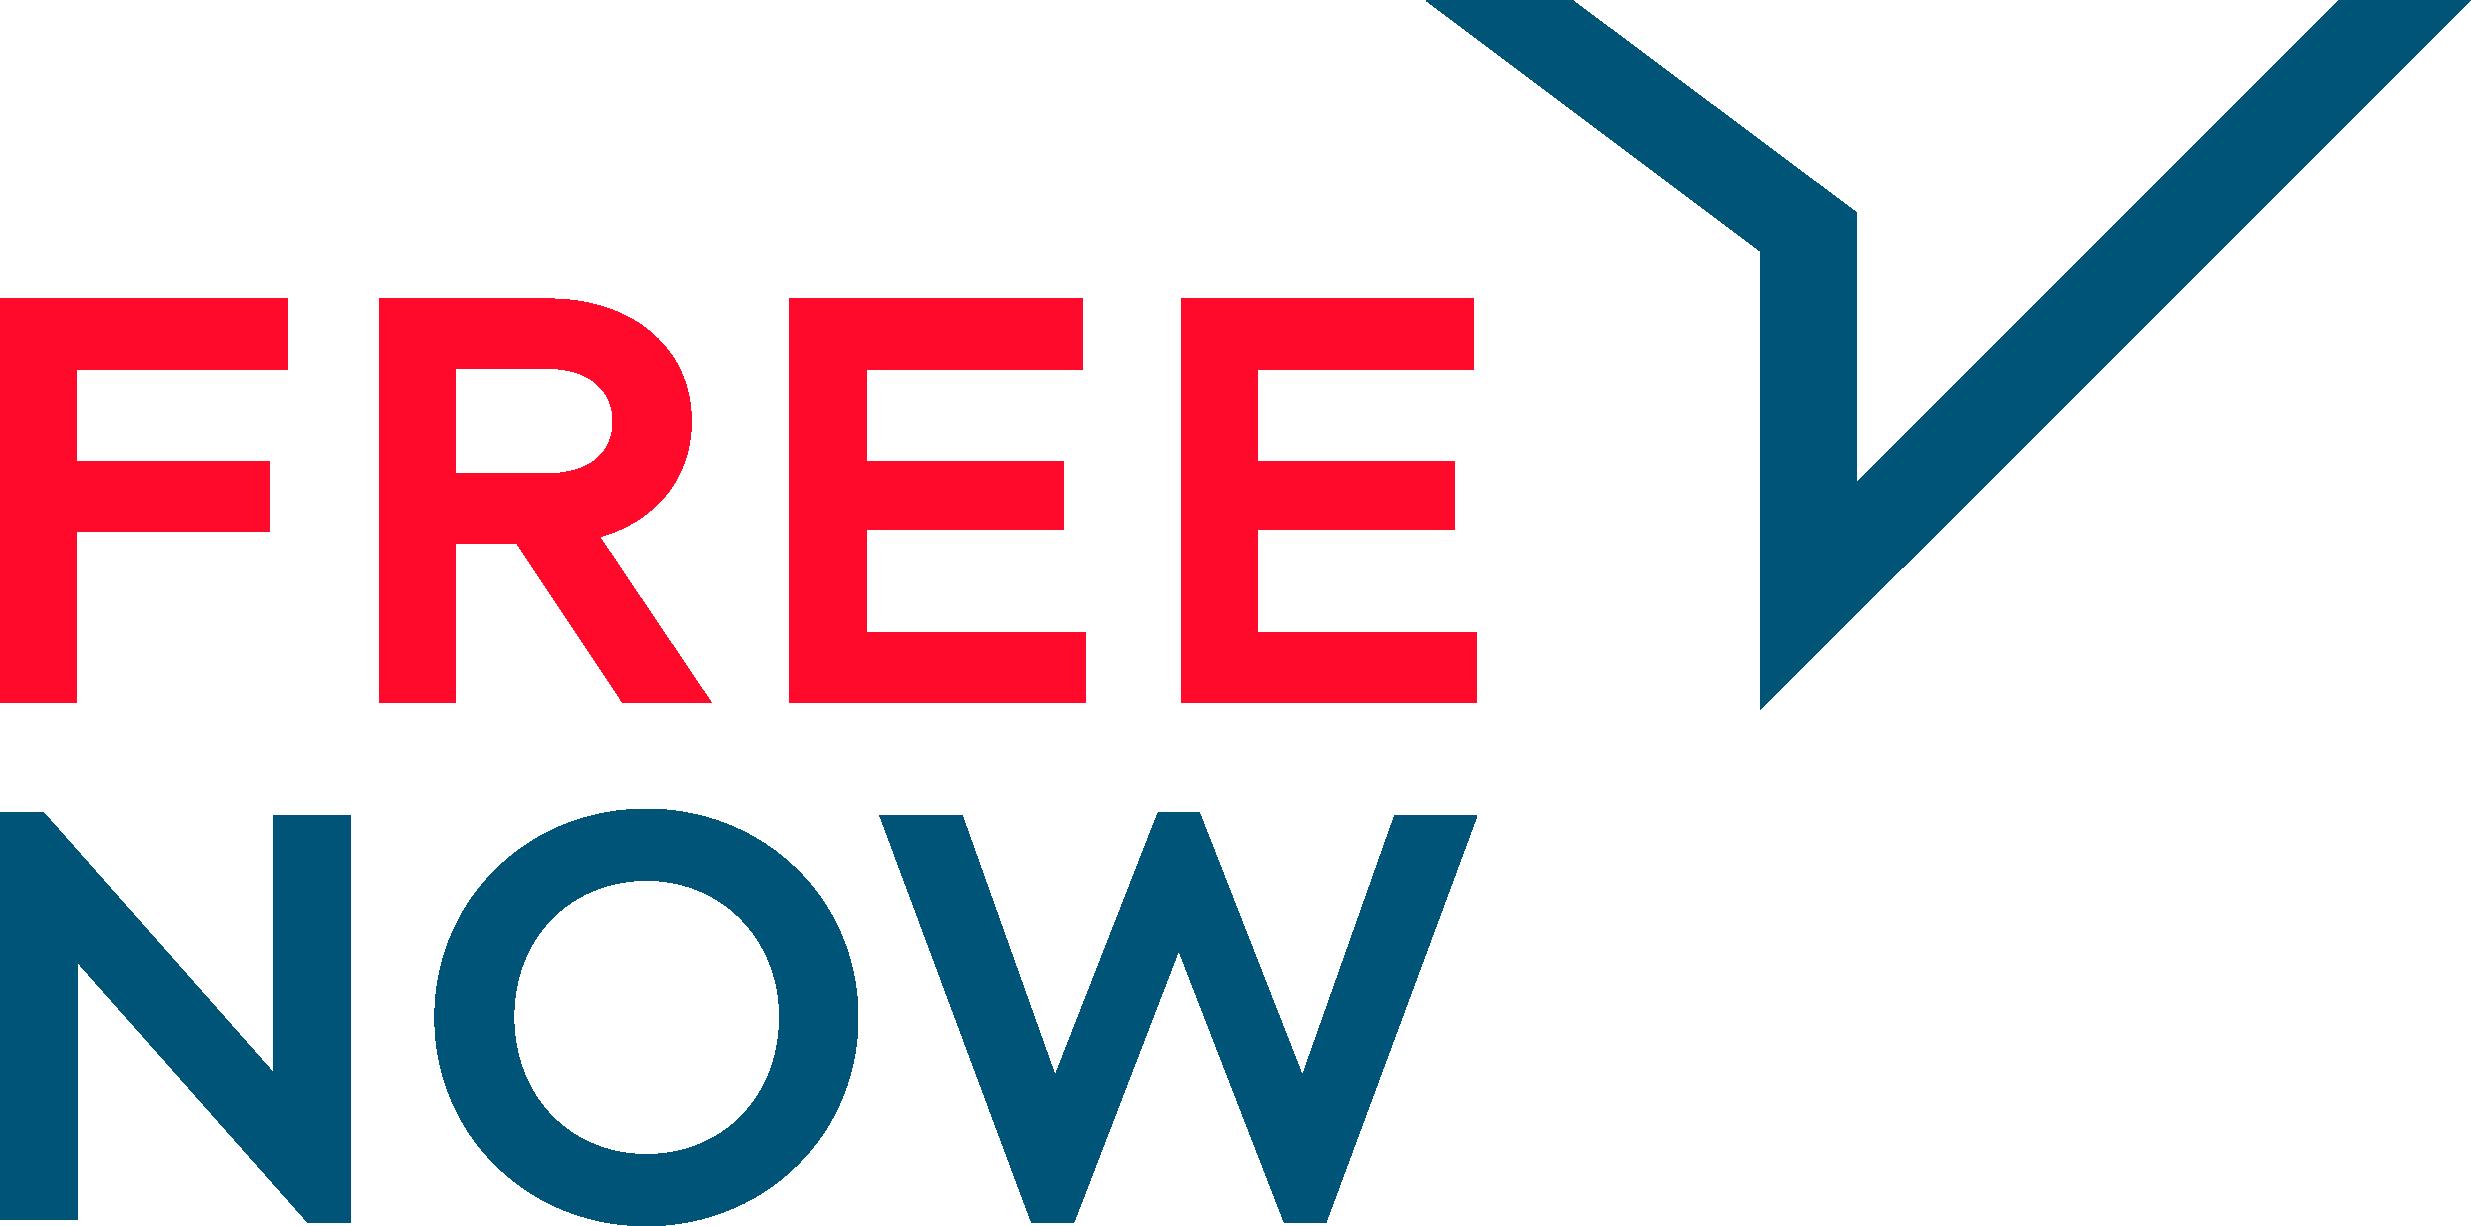 Infolinia FREE NOW | Telefon, kontakt, adres, dane kontaktowe